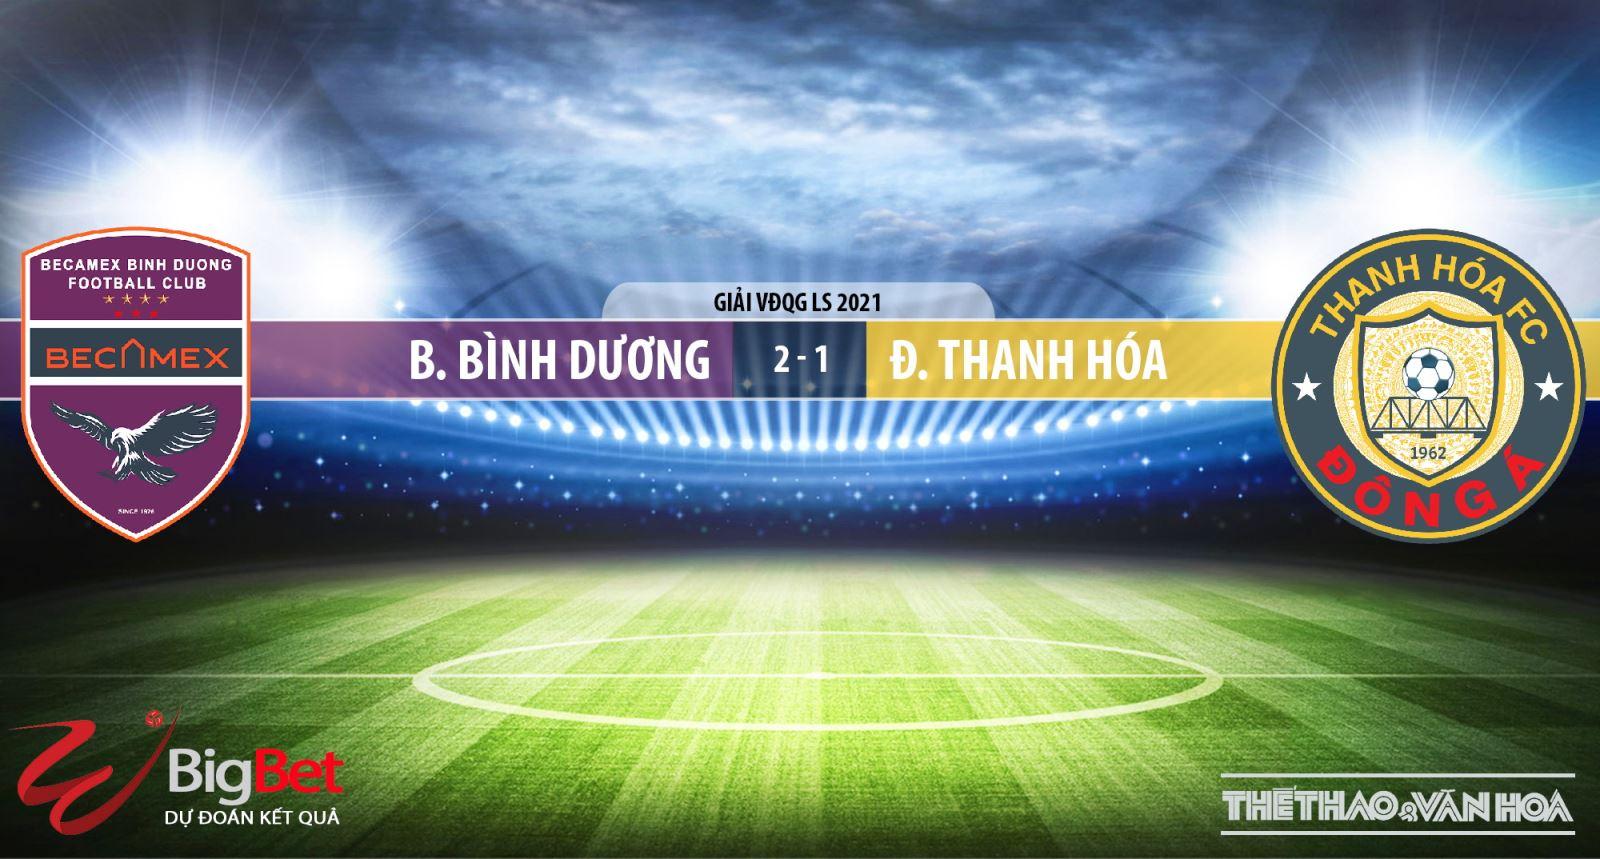 Keo nha cai, kèo nhà cái, Bình Dương vs Thanh Hóa, VTC3, TTTV Trực tiếp bóng đá Việt Nam hôm nay, trực tiếp V-League 2021, lịch thi đấu V-League, bang xep hang V-League